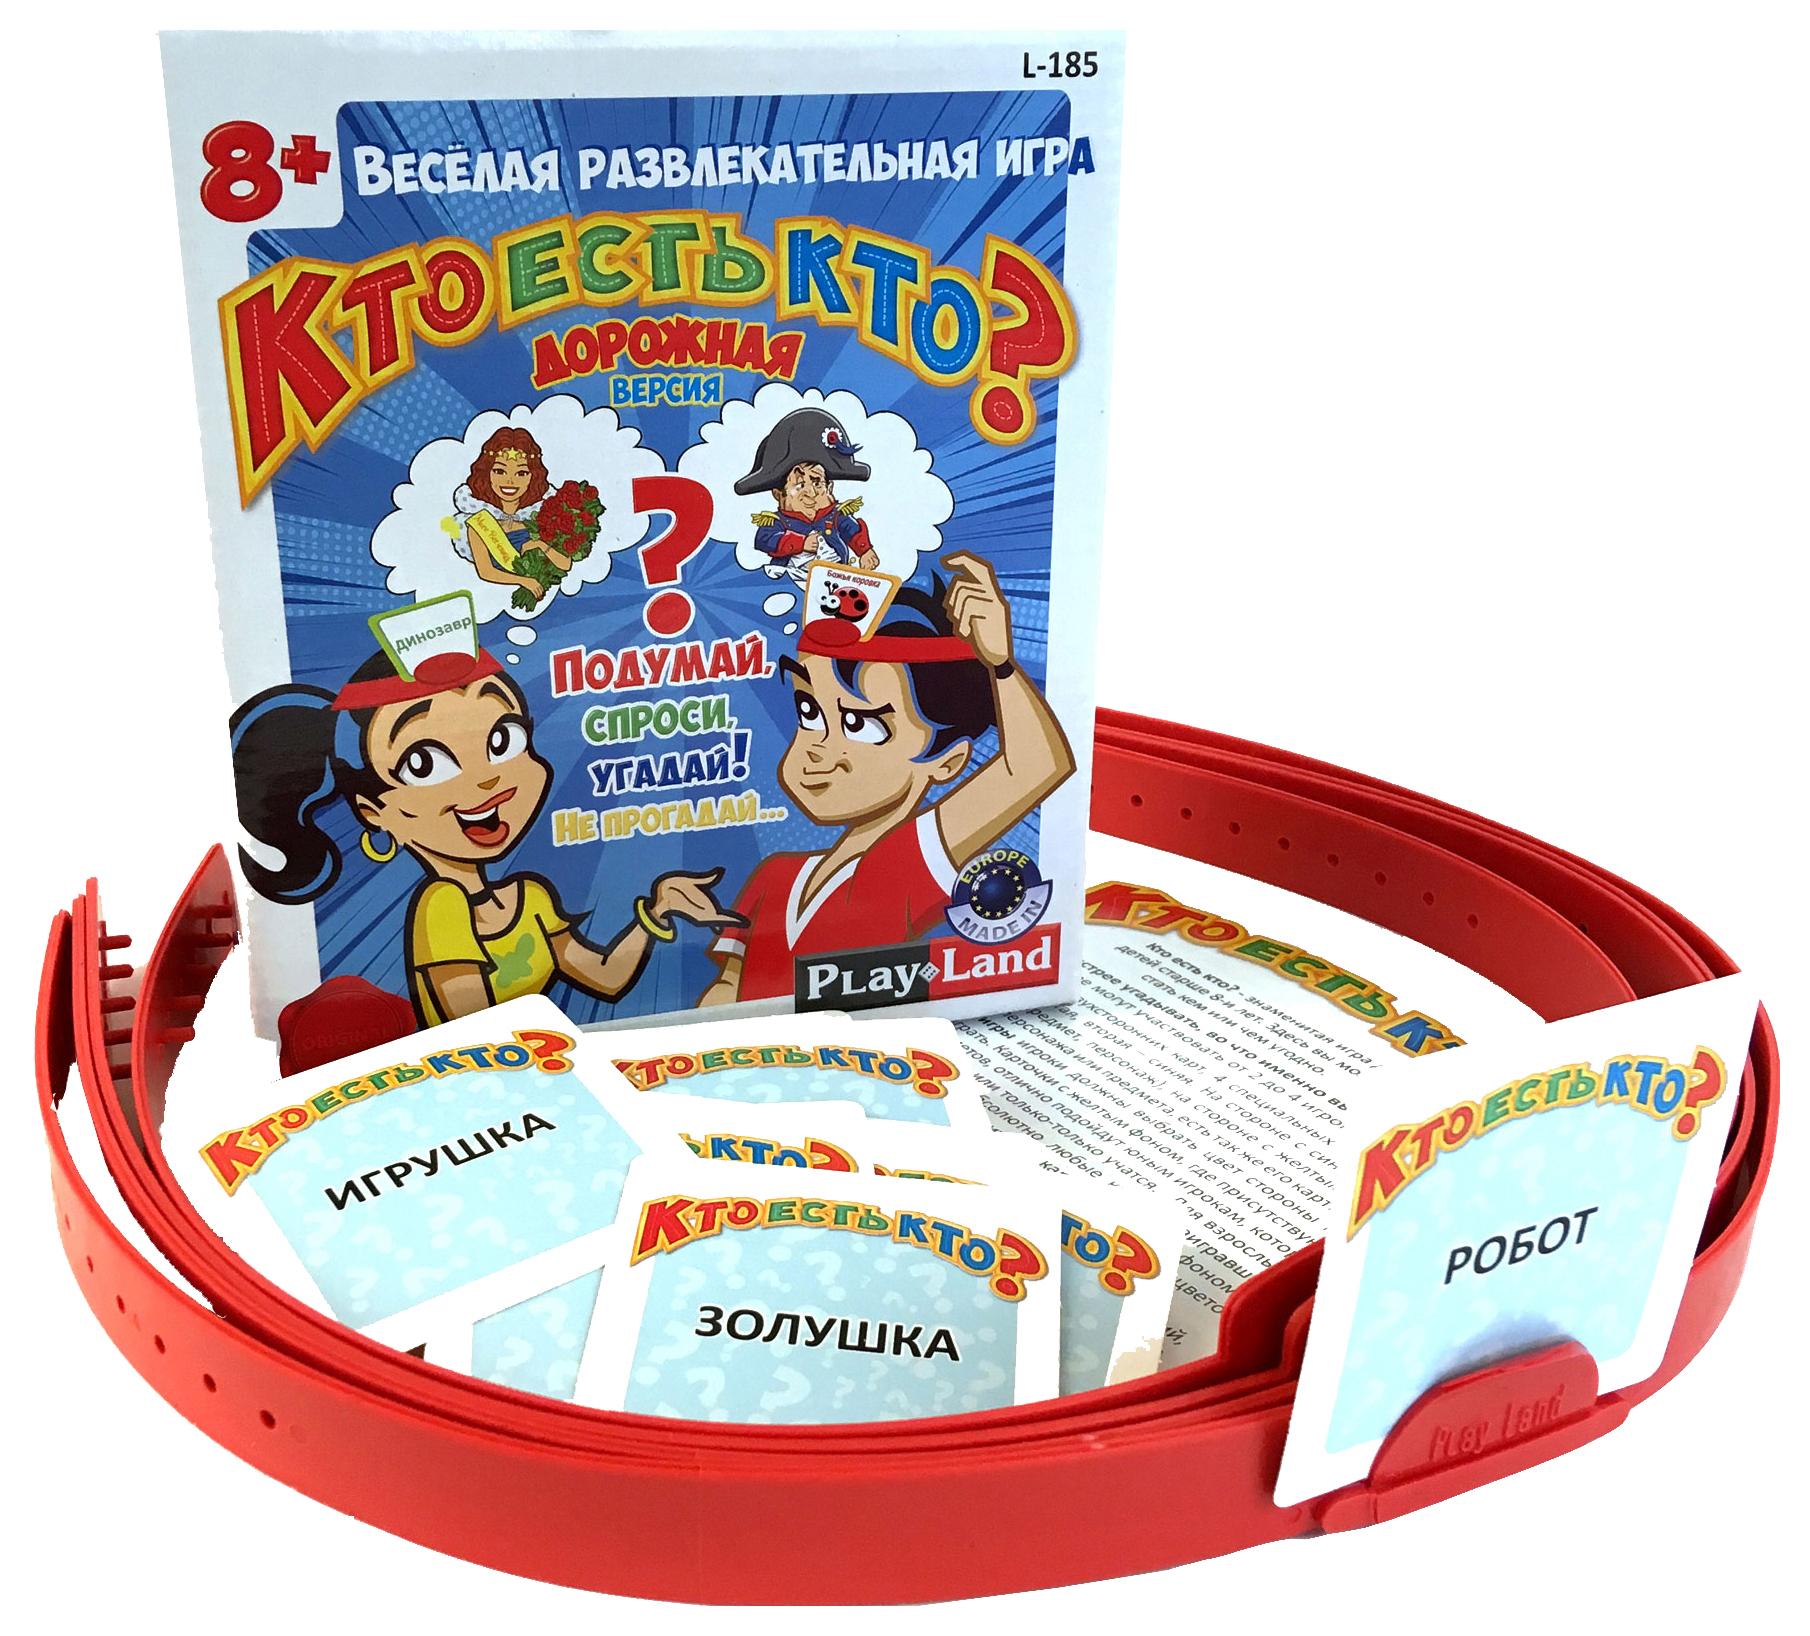 Купить Логическая игра Play Land Monopoly LTD Кто есть кто Дорожная версия L-185, Логические игры